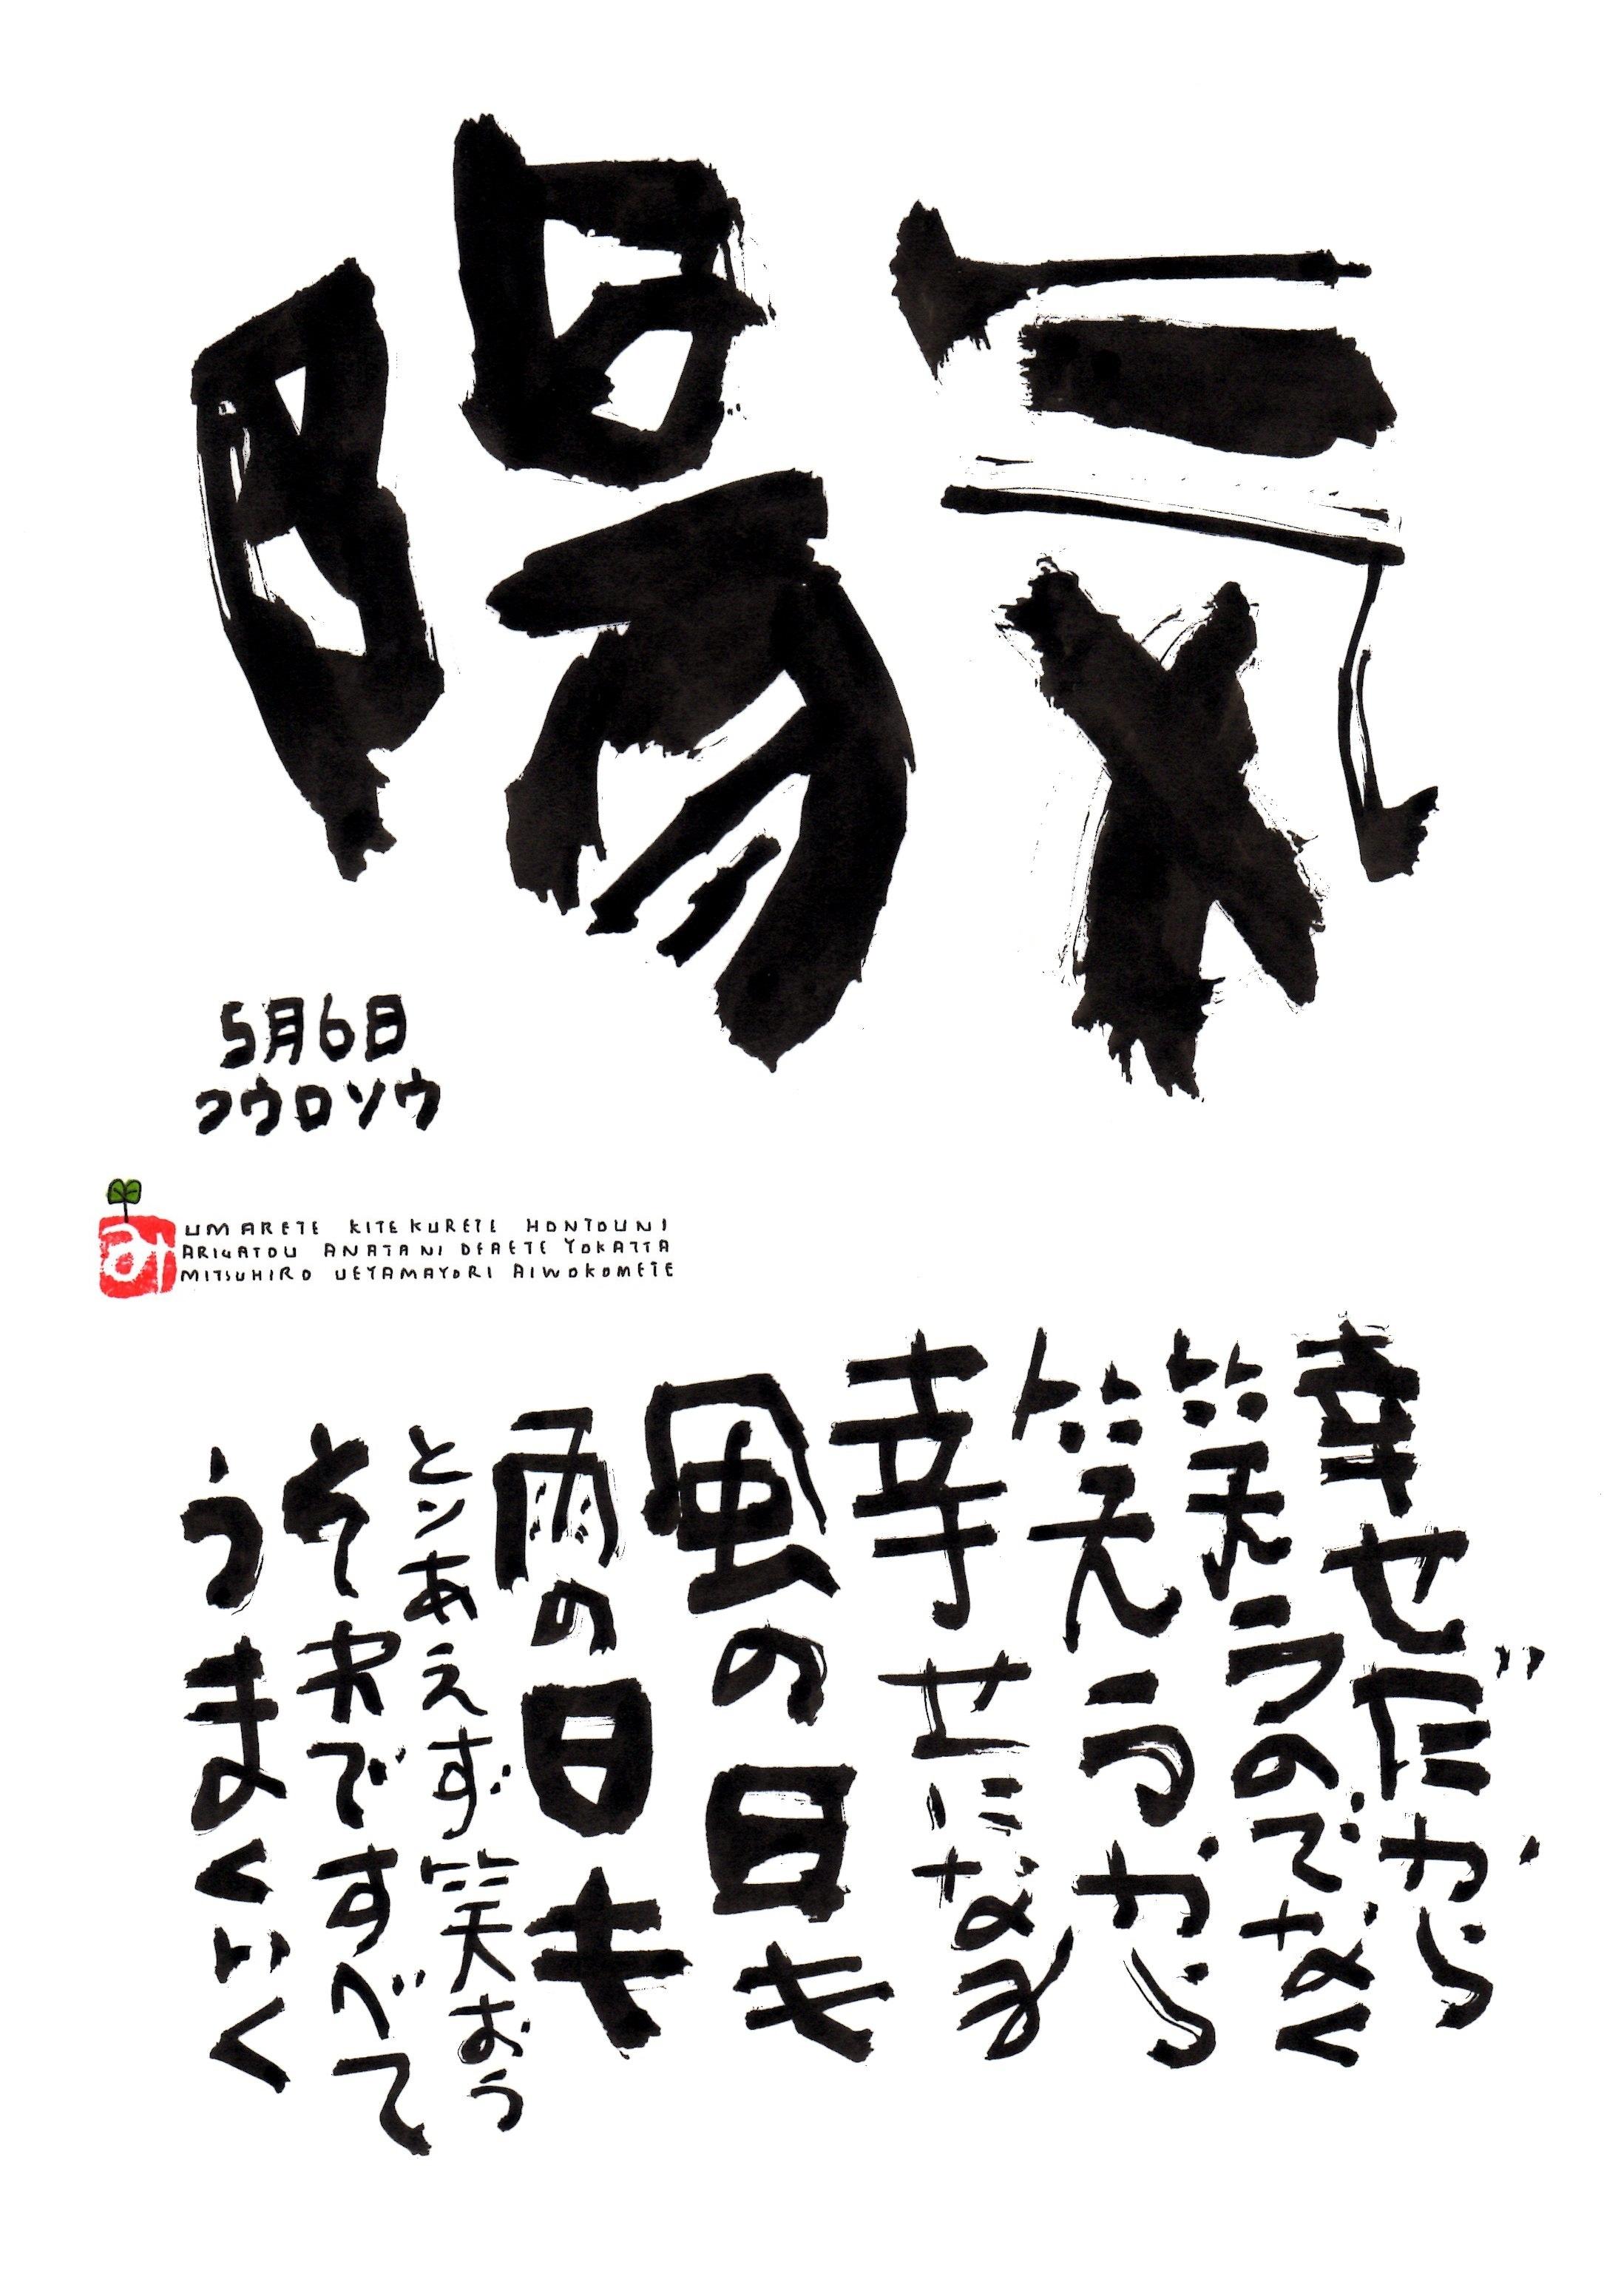 5月6日 誕生日ポストカード【陽気】Cheerful